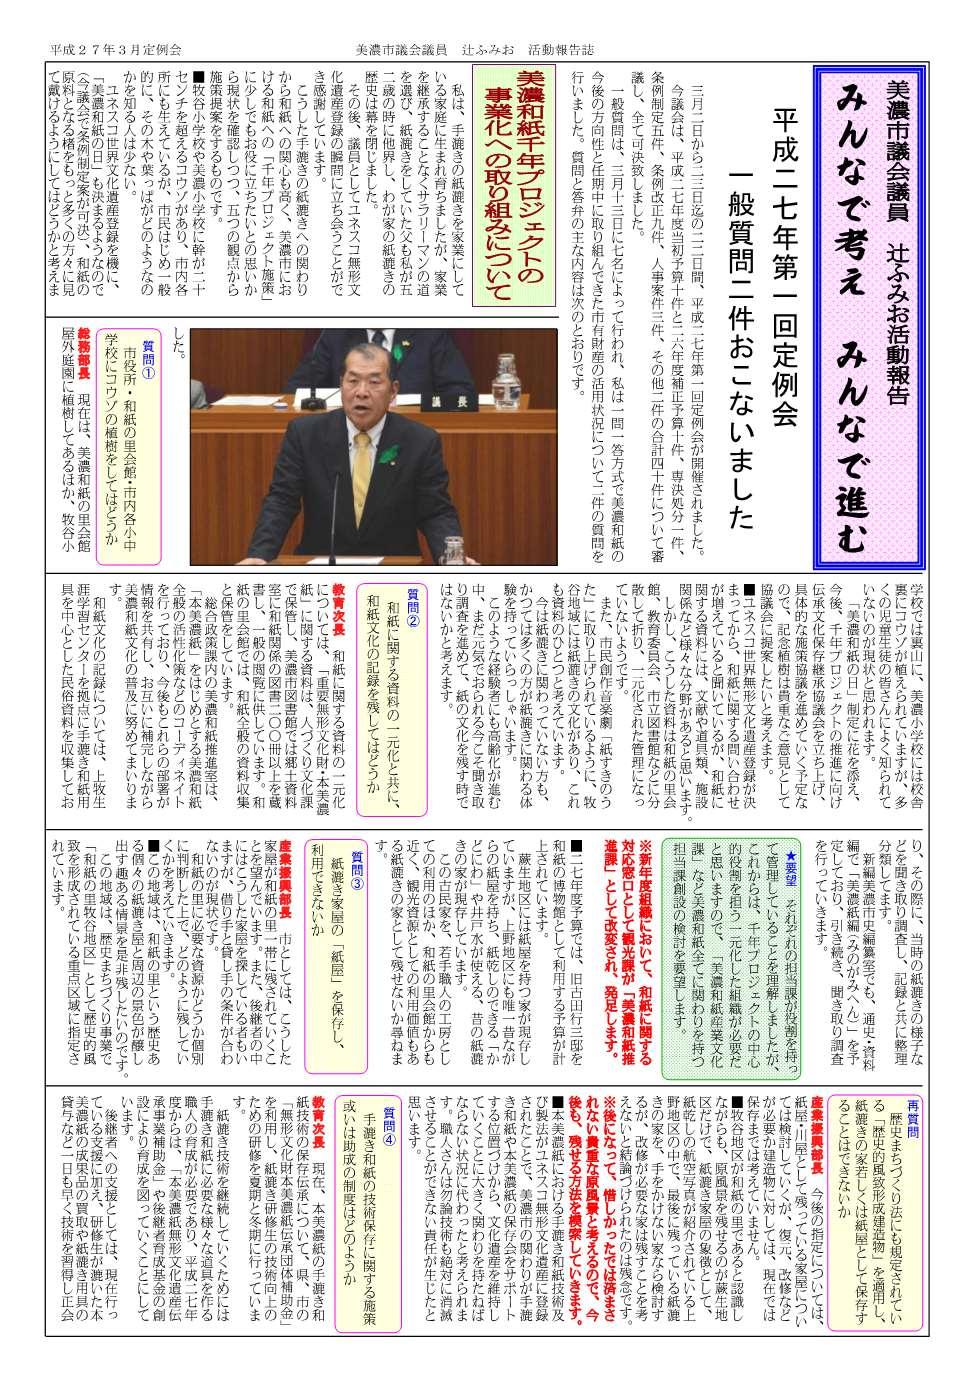 平成27年第1回定例会 議会報告_b0226723_36532.jpg